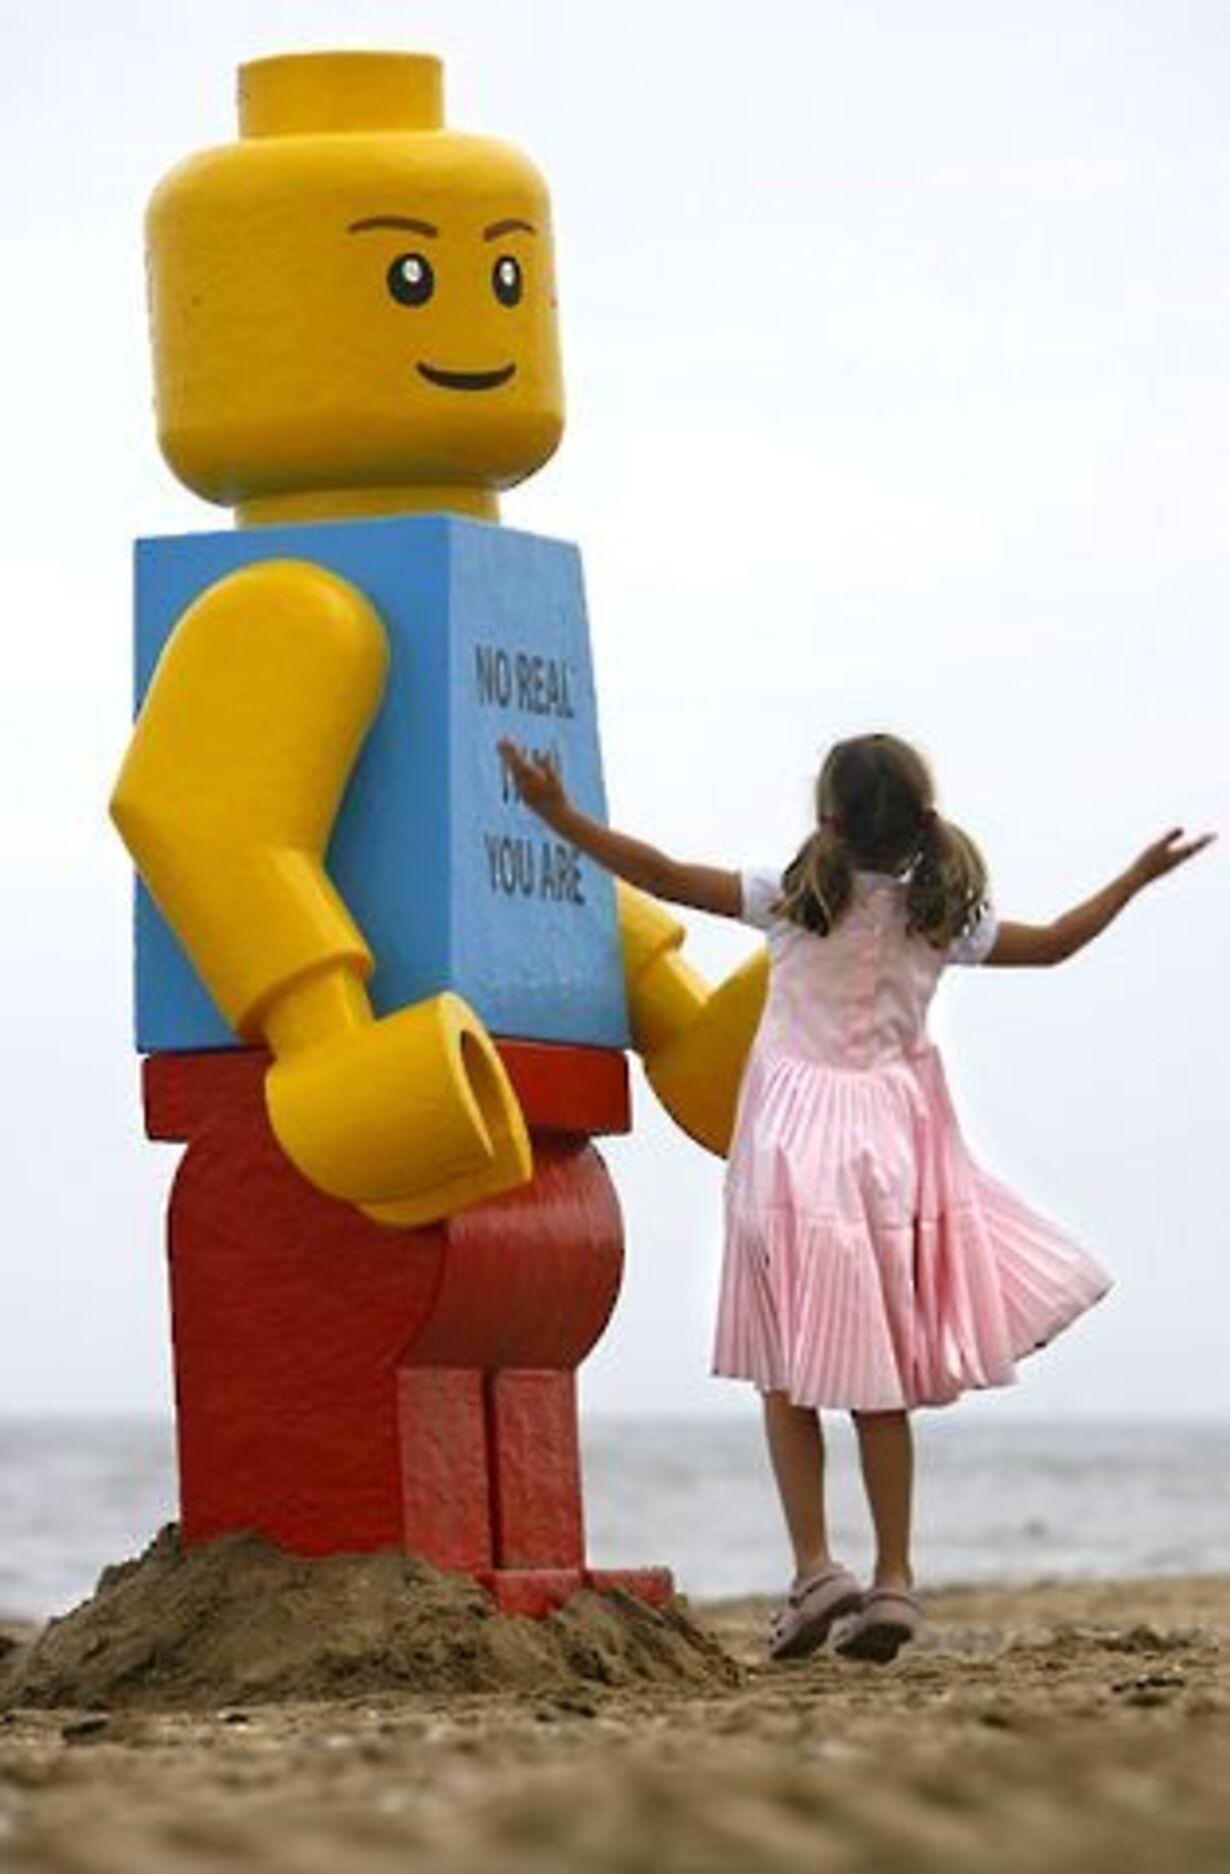 Gigantisk Lego-mand fisket op - 4